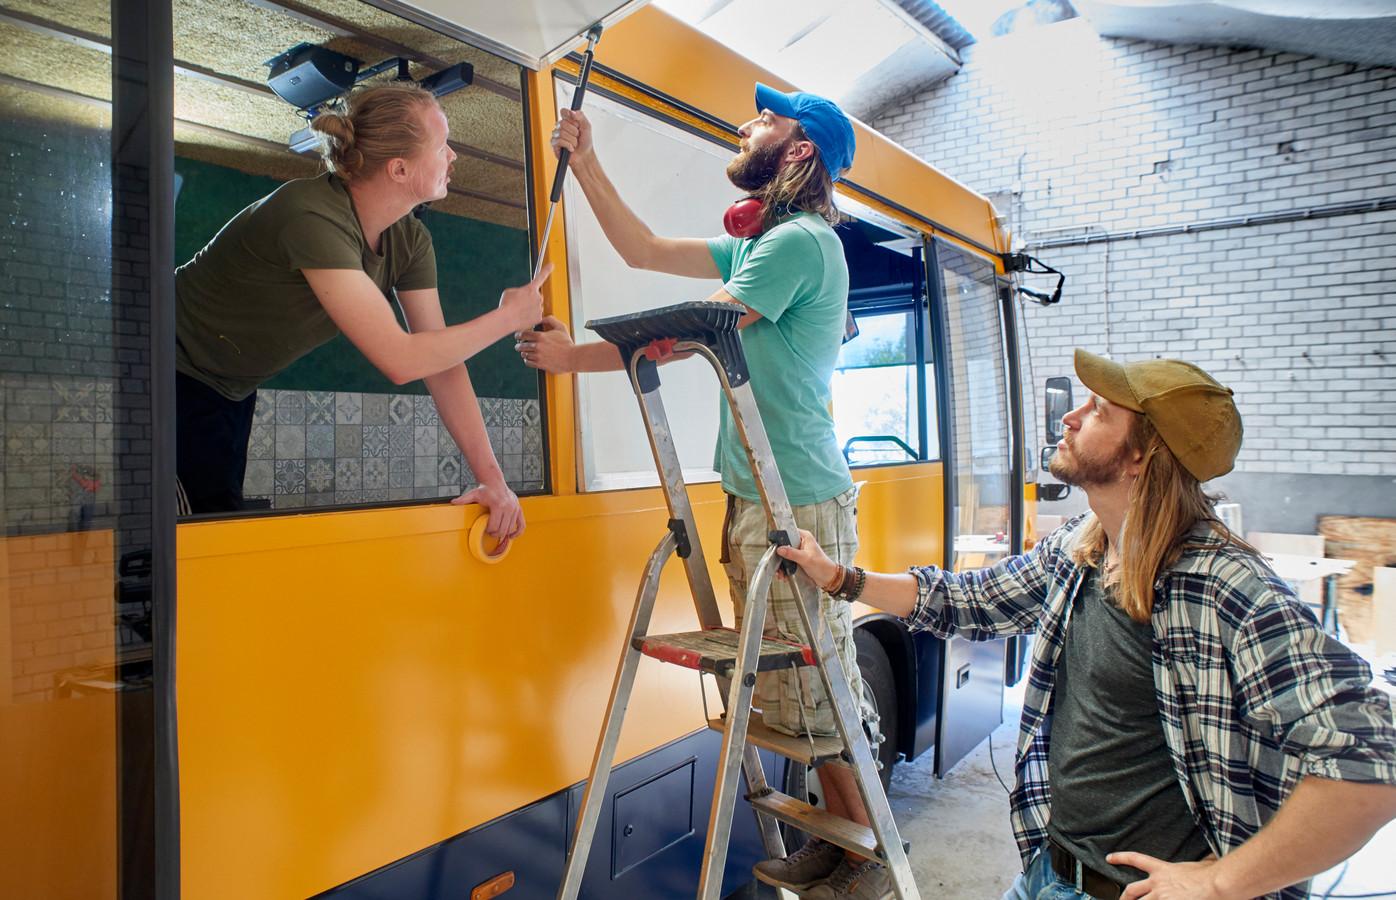 Sander Ottens, Frank en Niels van den Bogaert bezig met een van de luiken van hun bus.